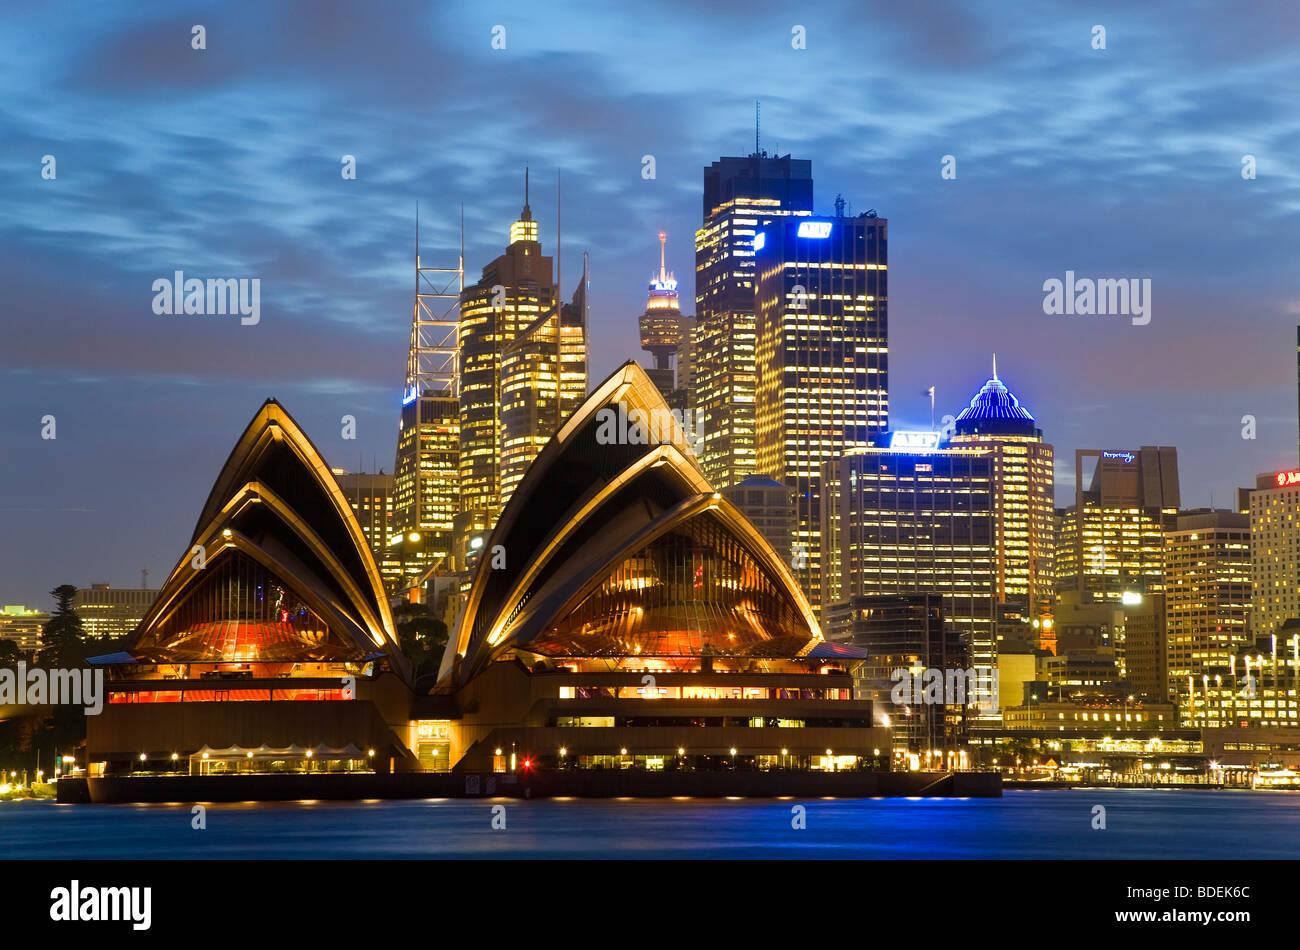 Australia, Sydney, vistas del puerto de Sydney en Sydney Opera House & skyline al atardecer Imagen De Stock